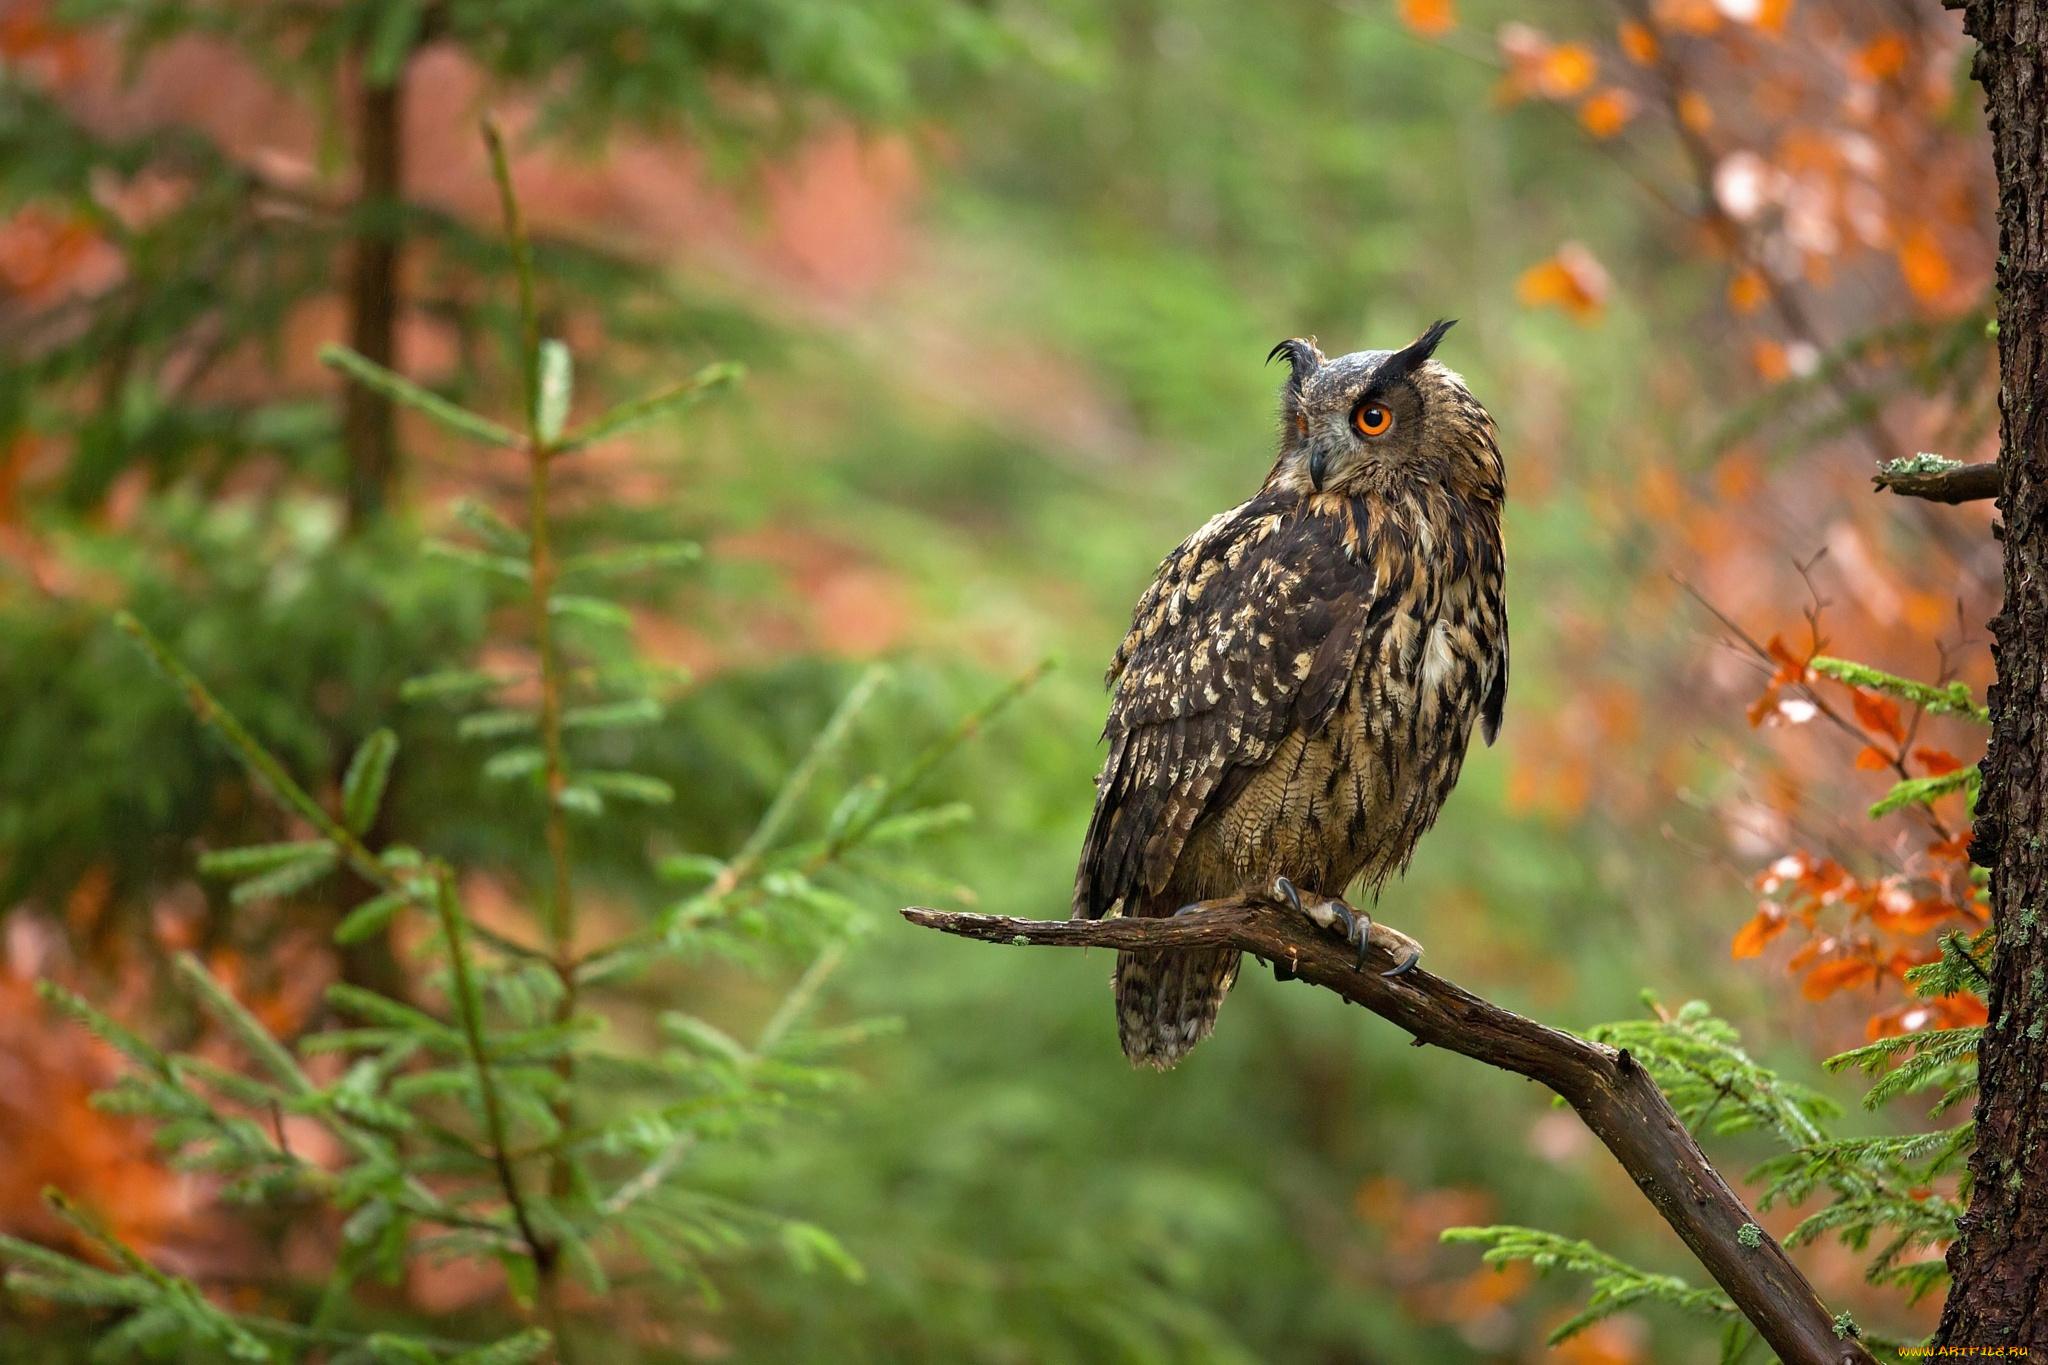 природа животные сова птицы осень листья скачать